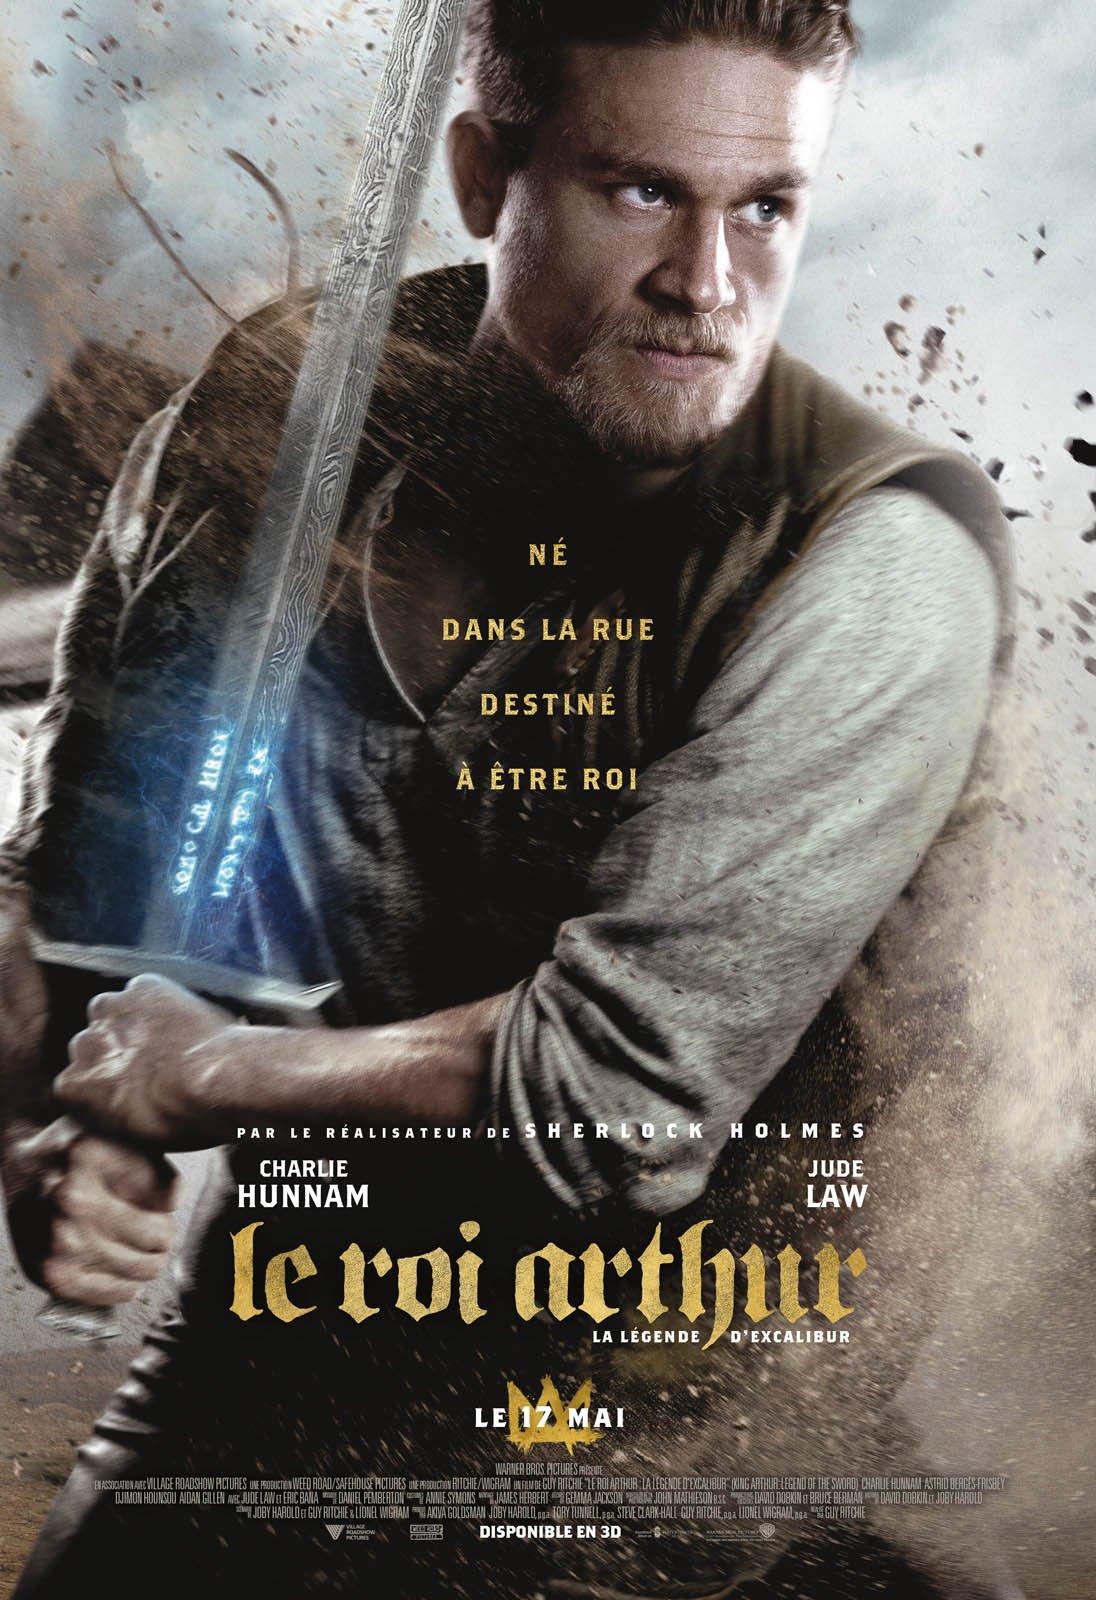 Le Arthur Roi Gratuitement La Légende le Télécharger film d'Excalibur